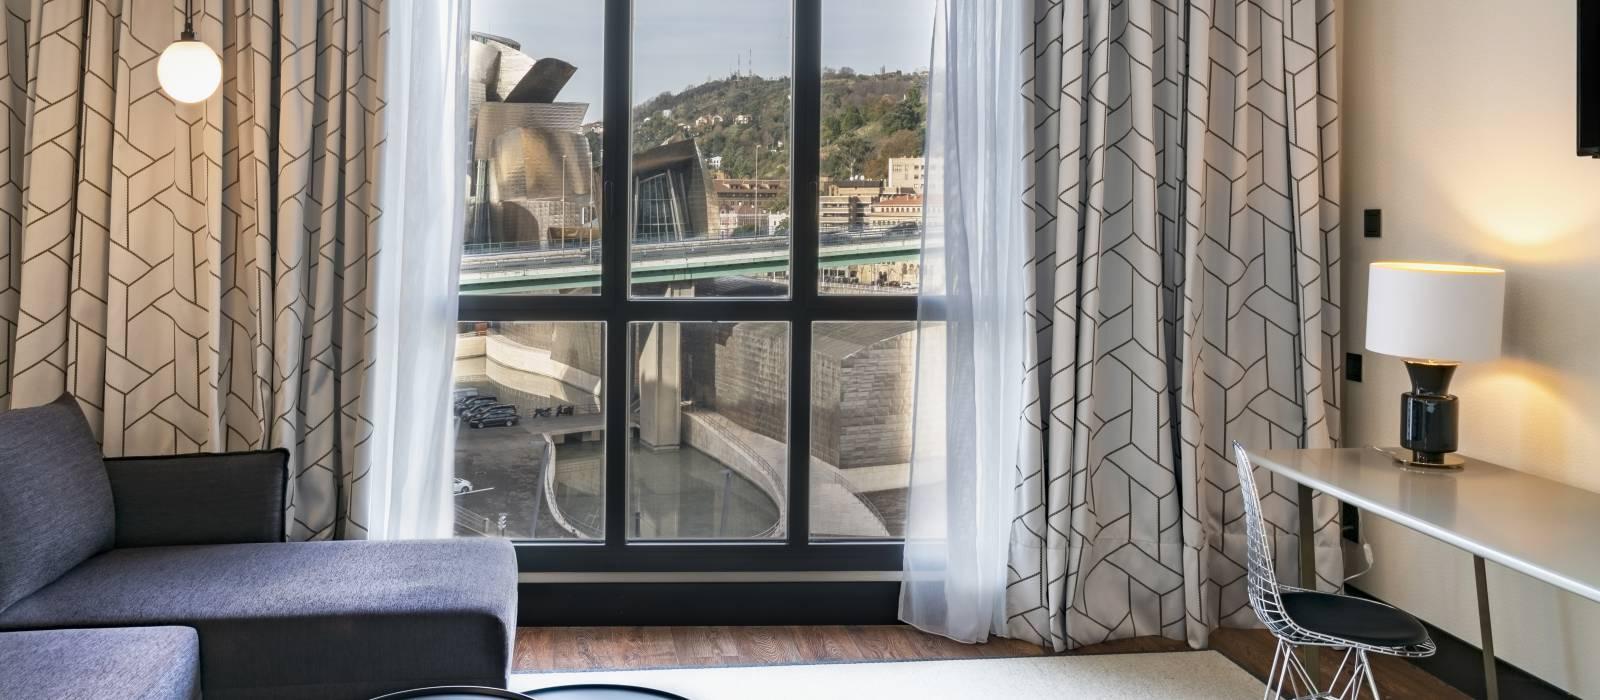 Vincci bilbao - Junior Suite avec vue sur le musée Guggenheim